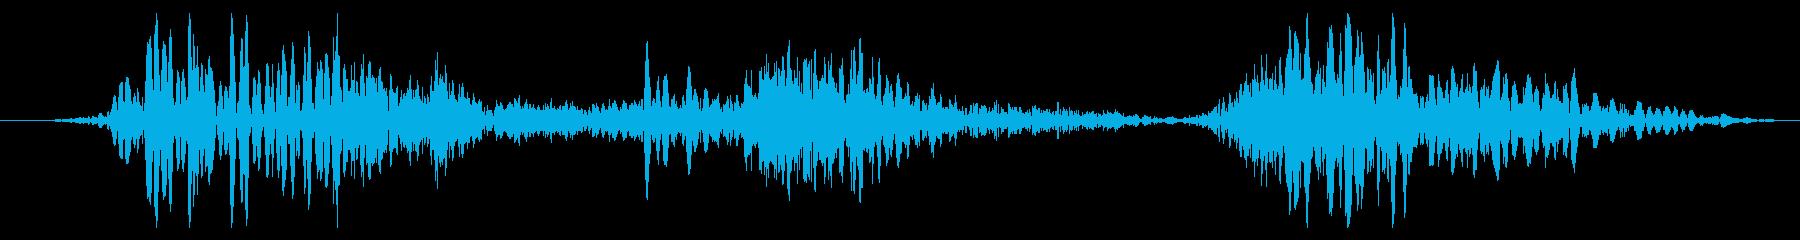 ワーム モンスター ゲーム コンテニューの再生済みの波形